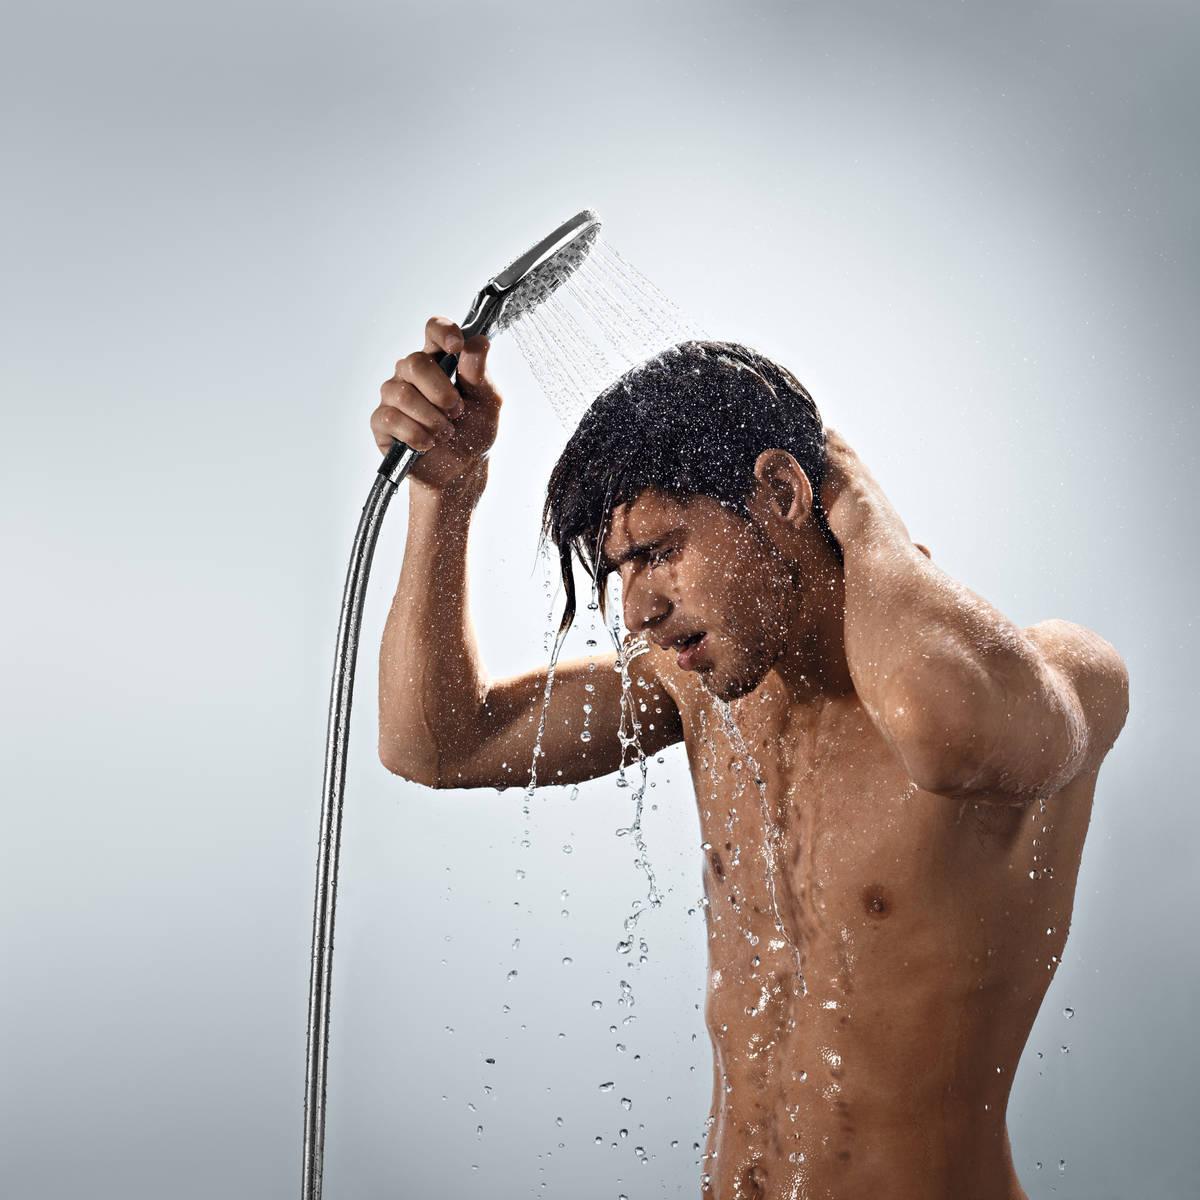 Картинки душ с мужчиной